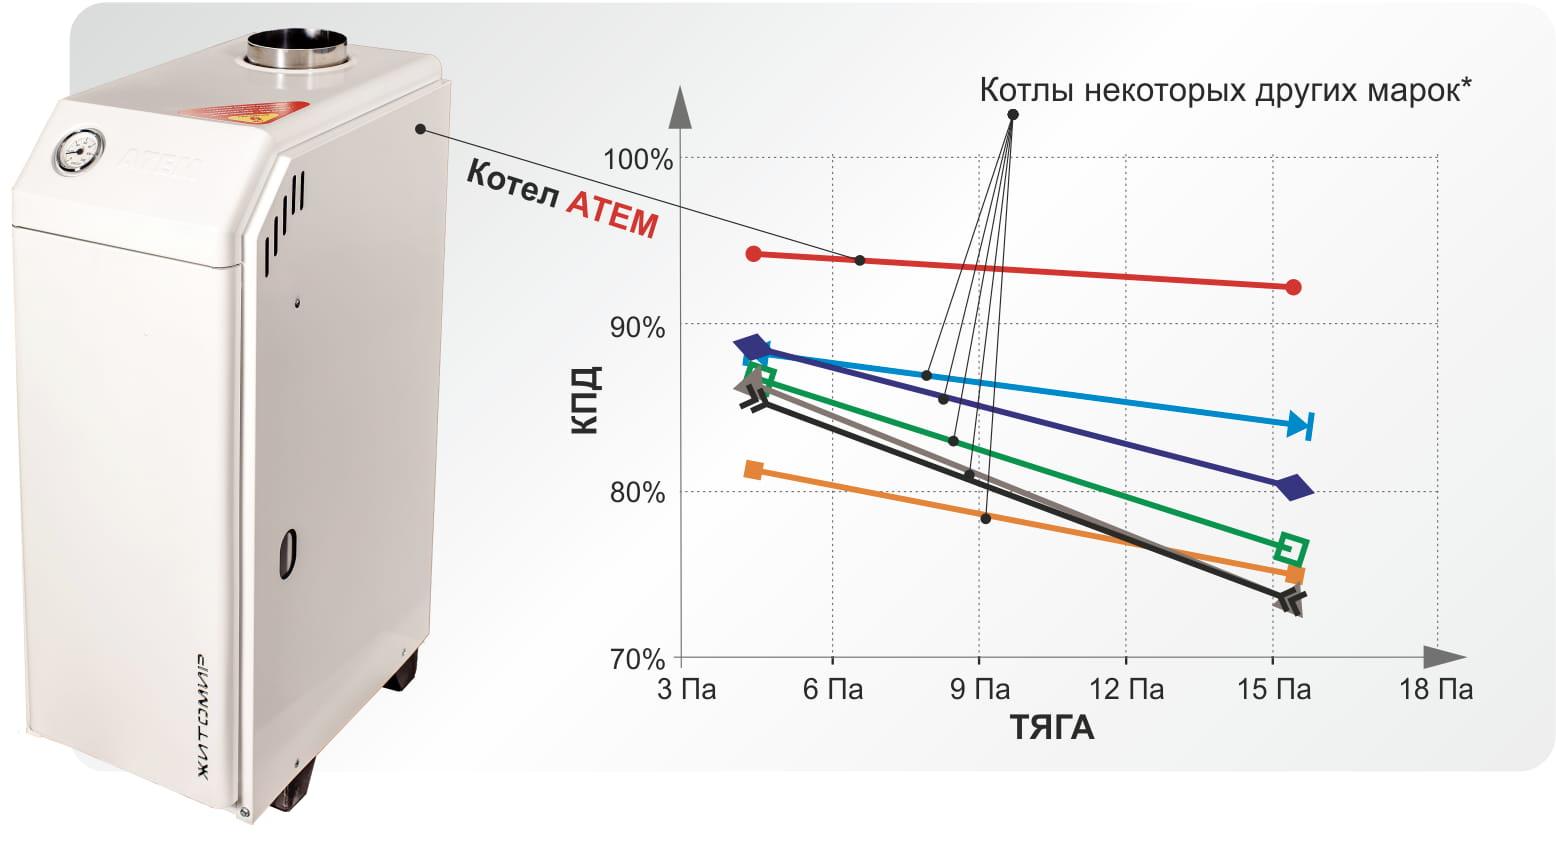 Отзыв о газовом котле житомир-3 от компании атем